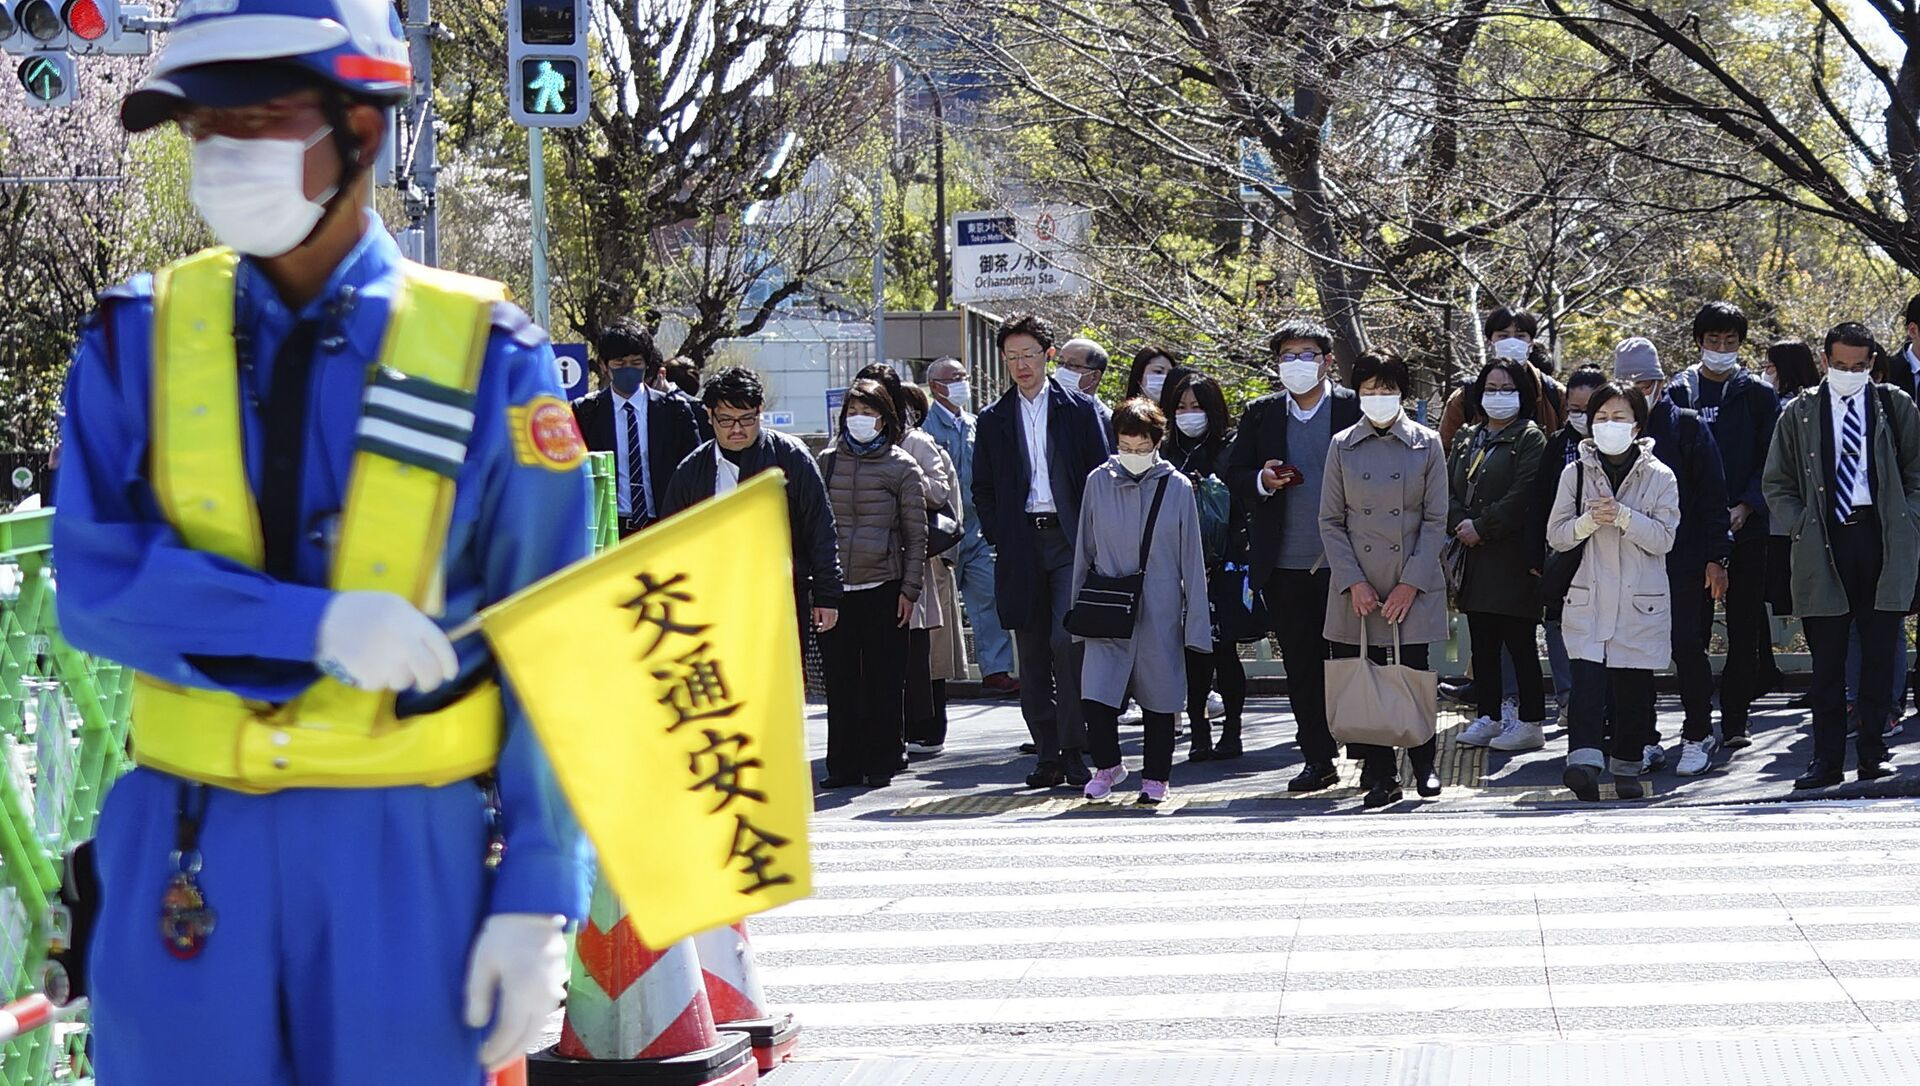 交差点で待っているマスクを履いた人 - Sputnik 日本, 1920, 04.06.2021